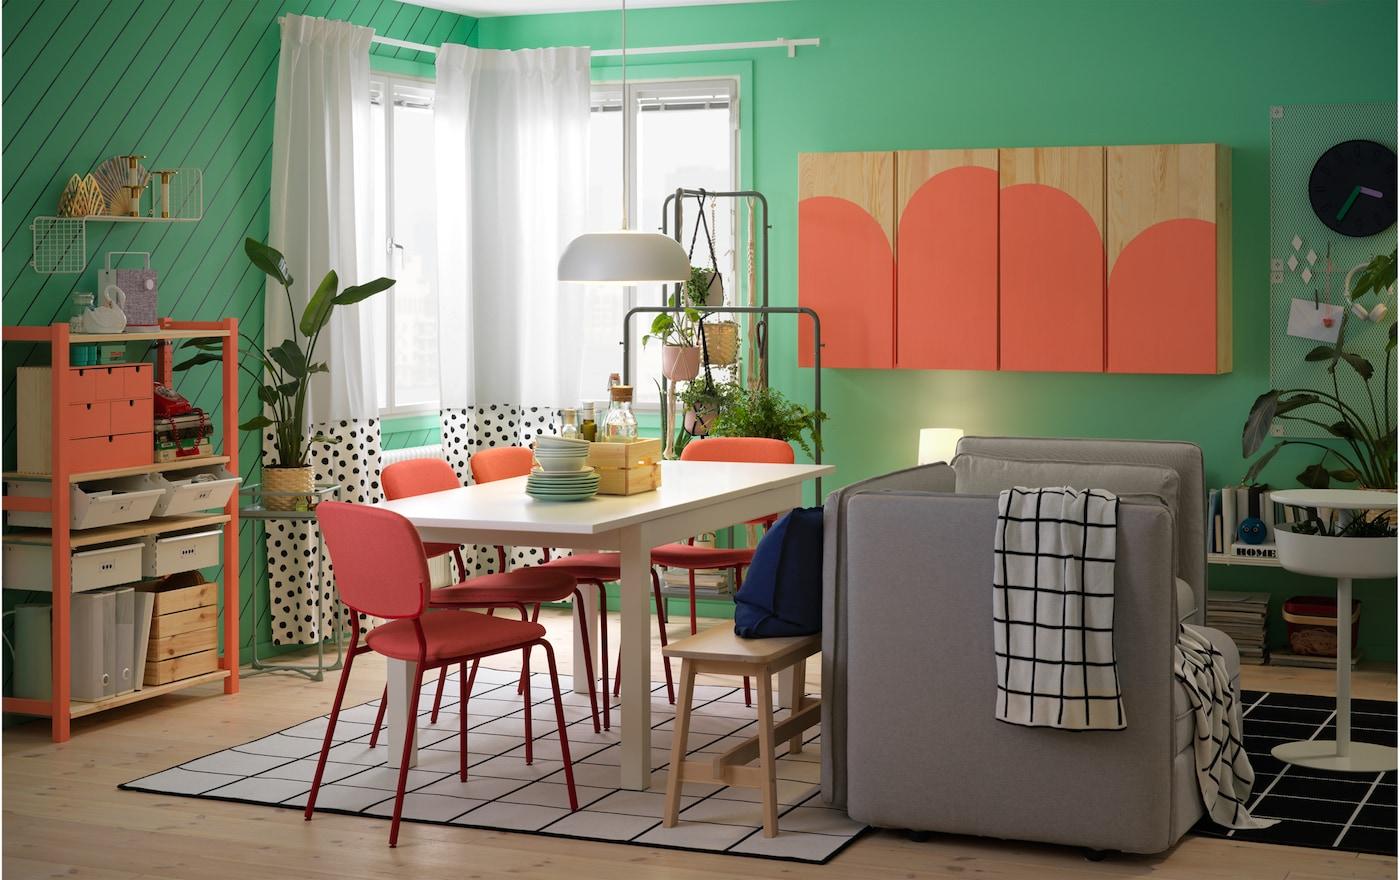 غرفة طعام مع طاولة بيضاء وكراسي حمراء وكنبة رمادية وخزانة ووحدة رفوف مطلية باللون المرجاني.